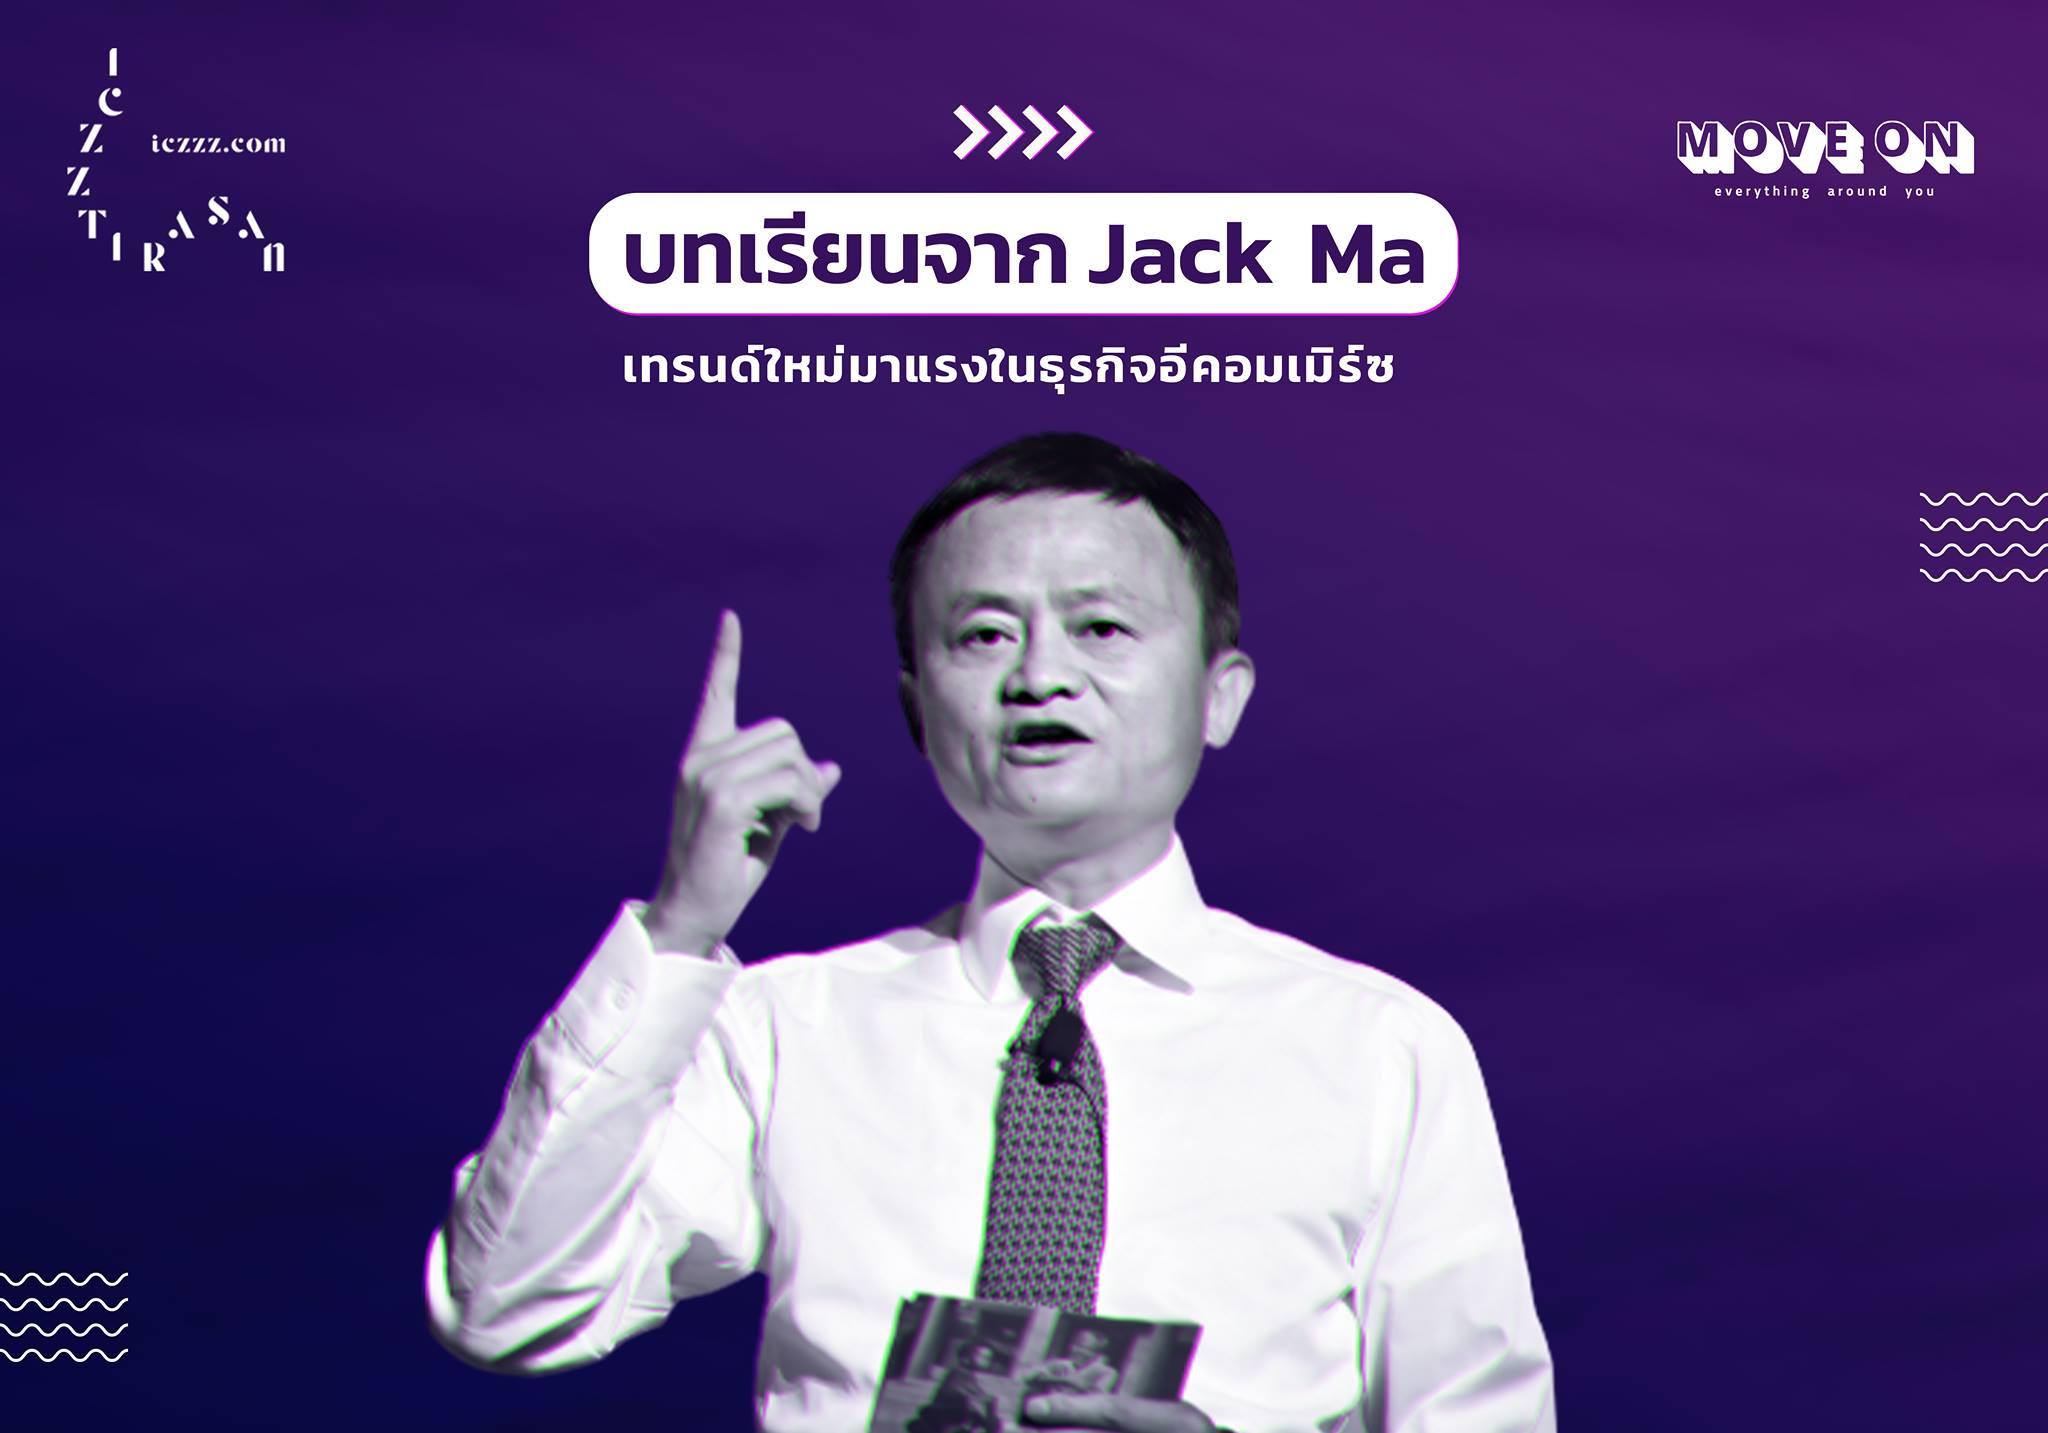 [[ #MoveON!!! ]] บทเรียนจาก Jack Ma พาธุรกิจฝ่าวิกฤติ โควิด 19